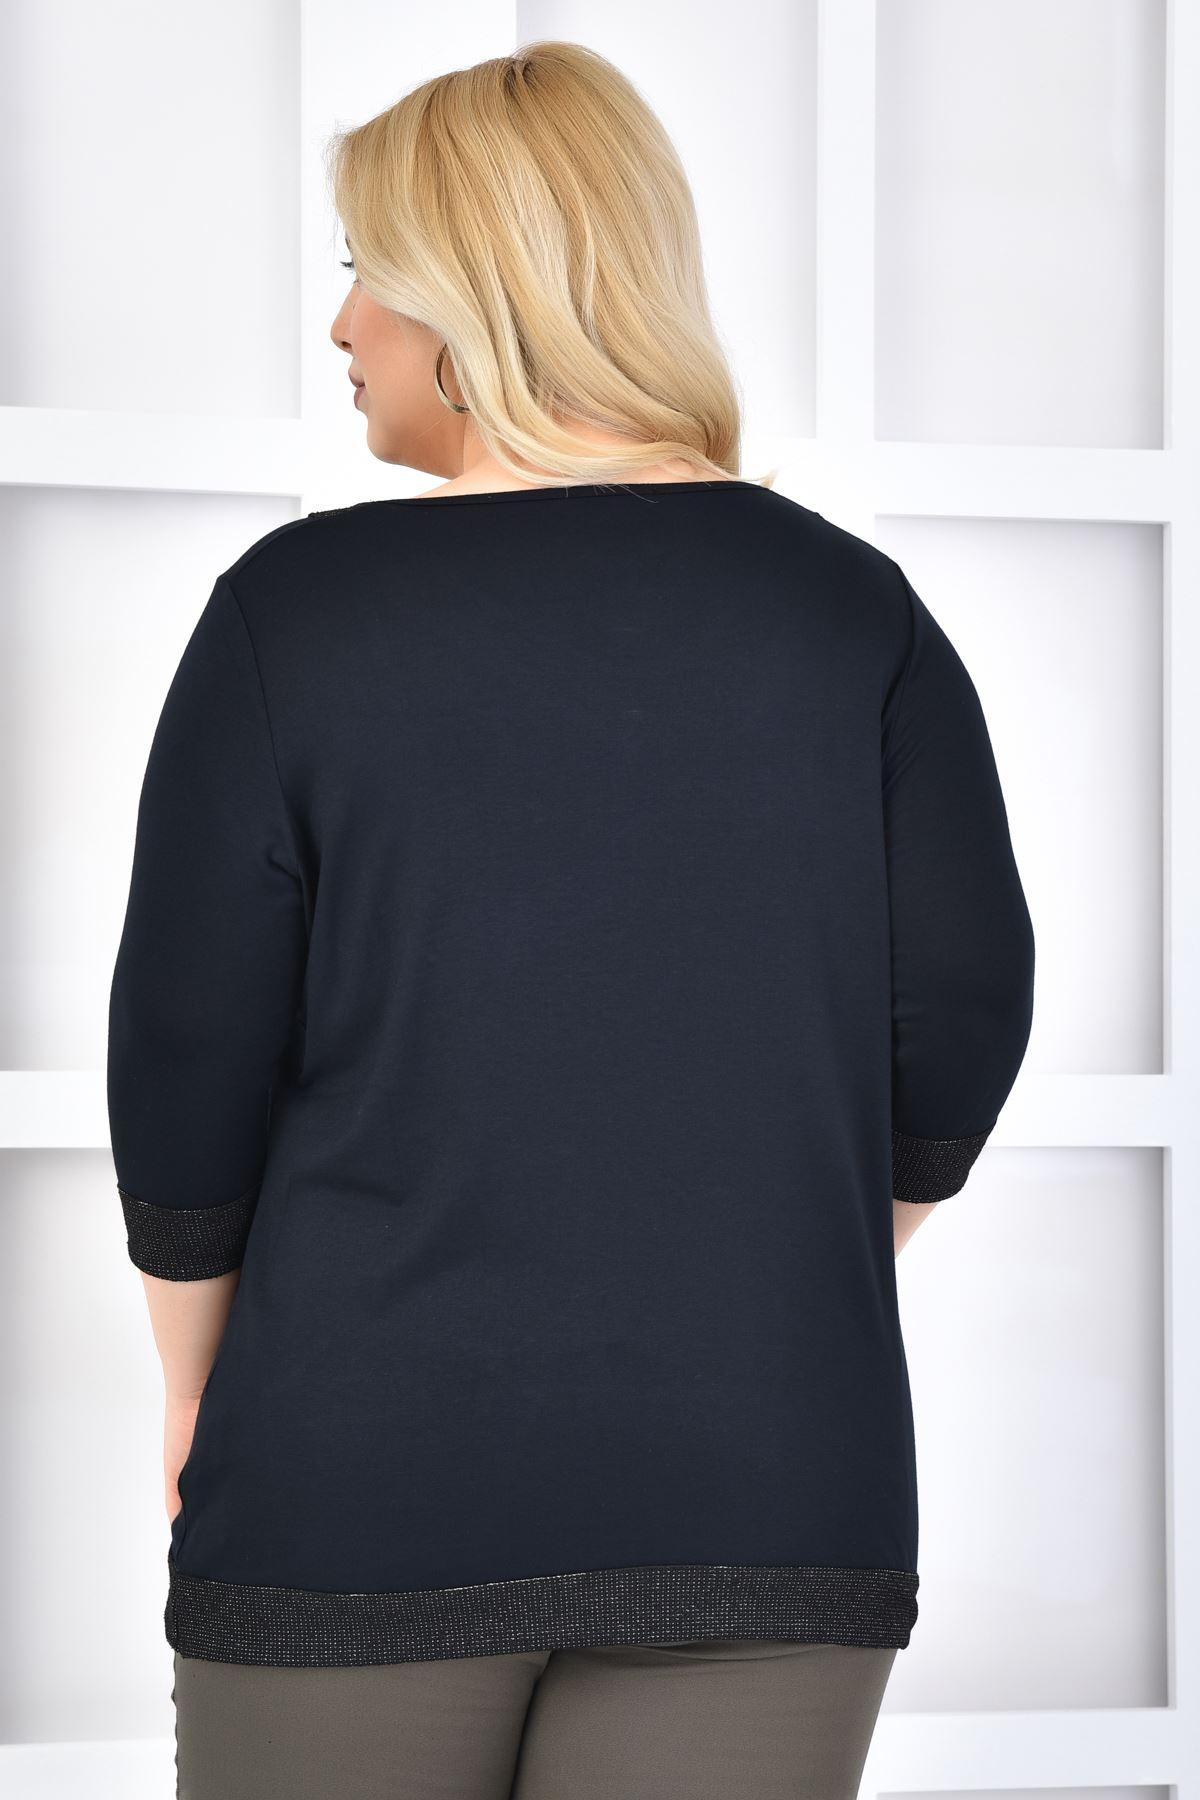 Kadın Siyah Büyük Beden Tshirt V yaka Simli